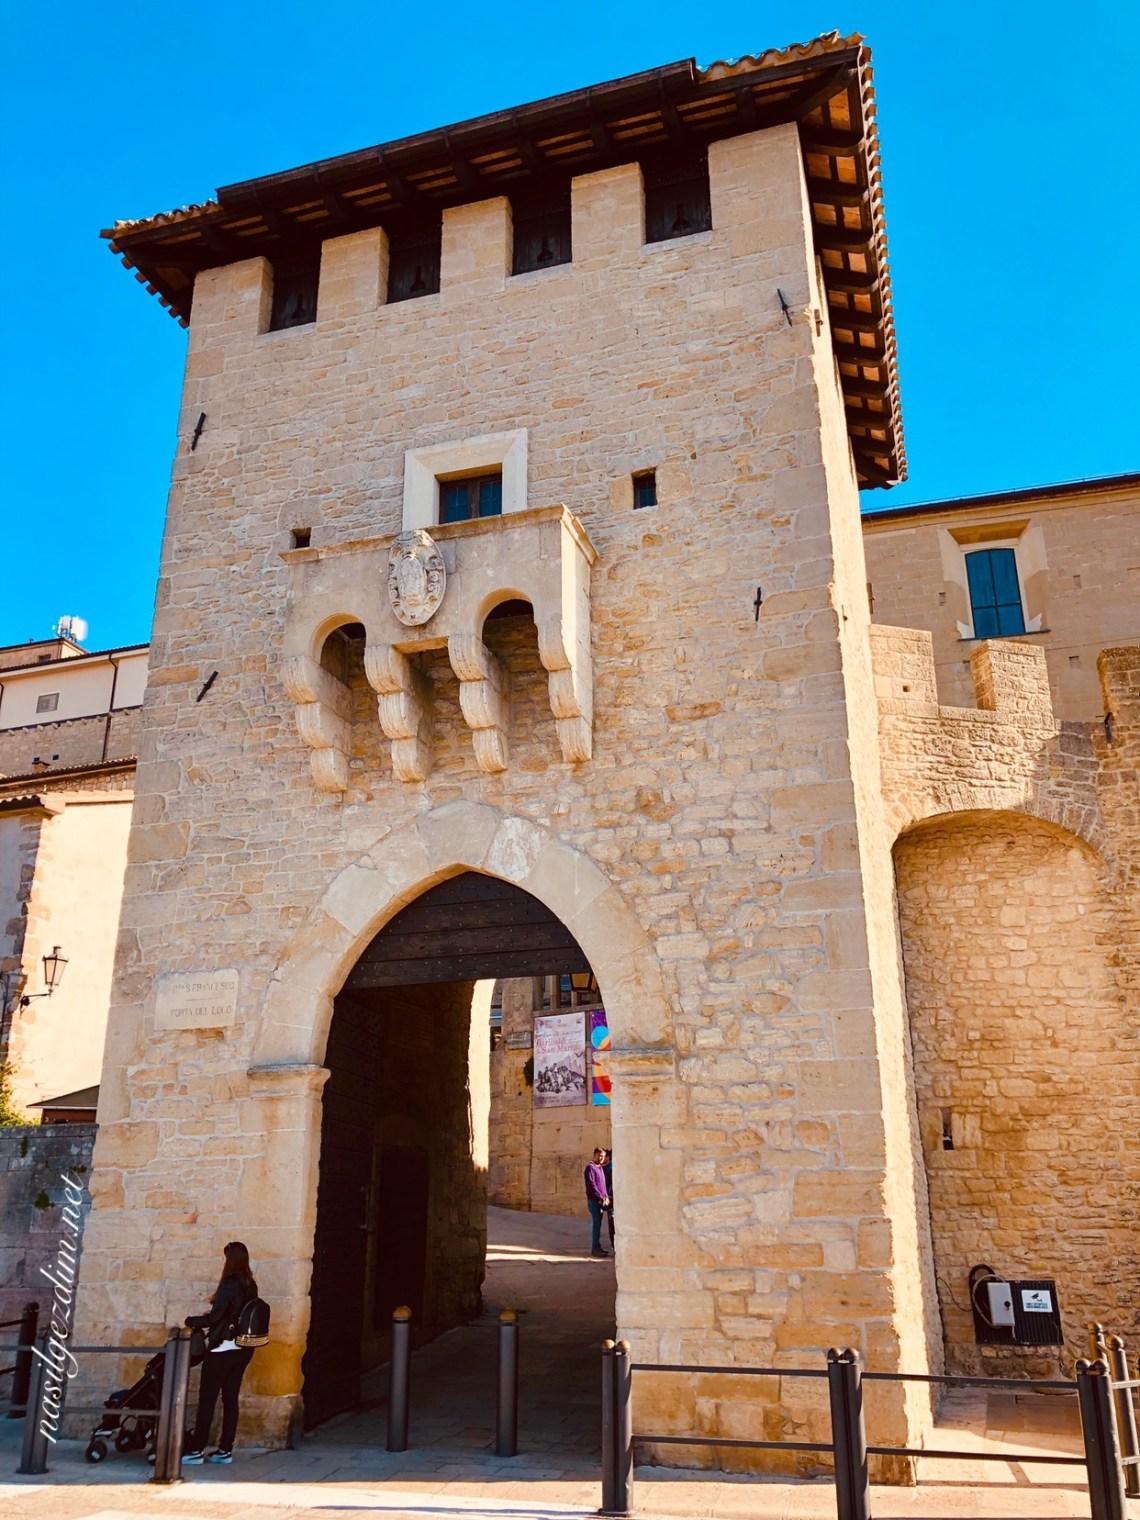 san marino gezilecek yerler, san marino gezi rehberi, san marino nerede, san marino gez notları, San Marino Porta Del Loco